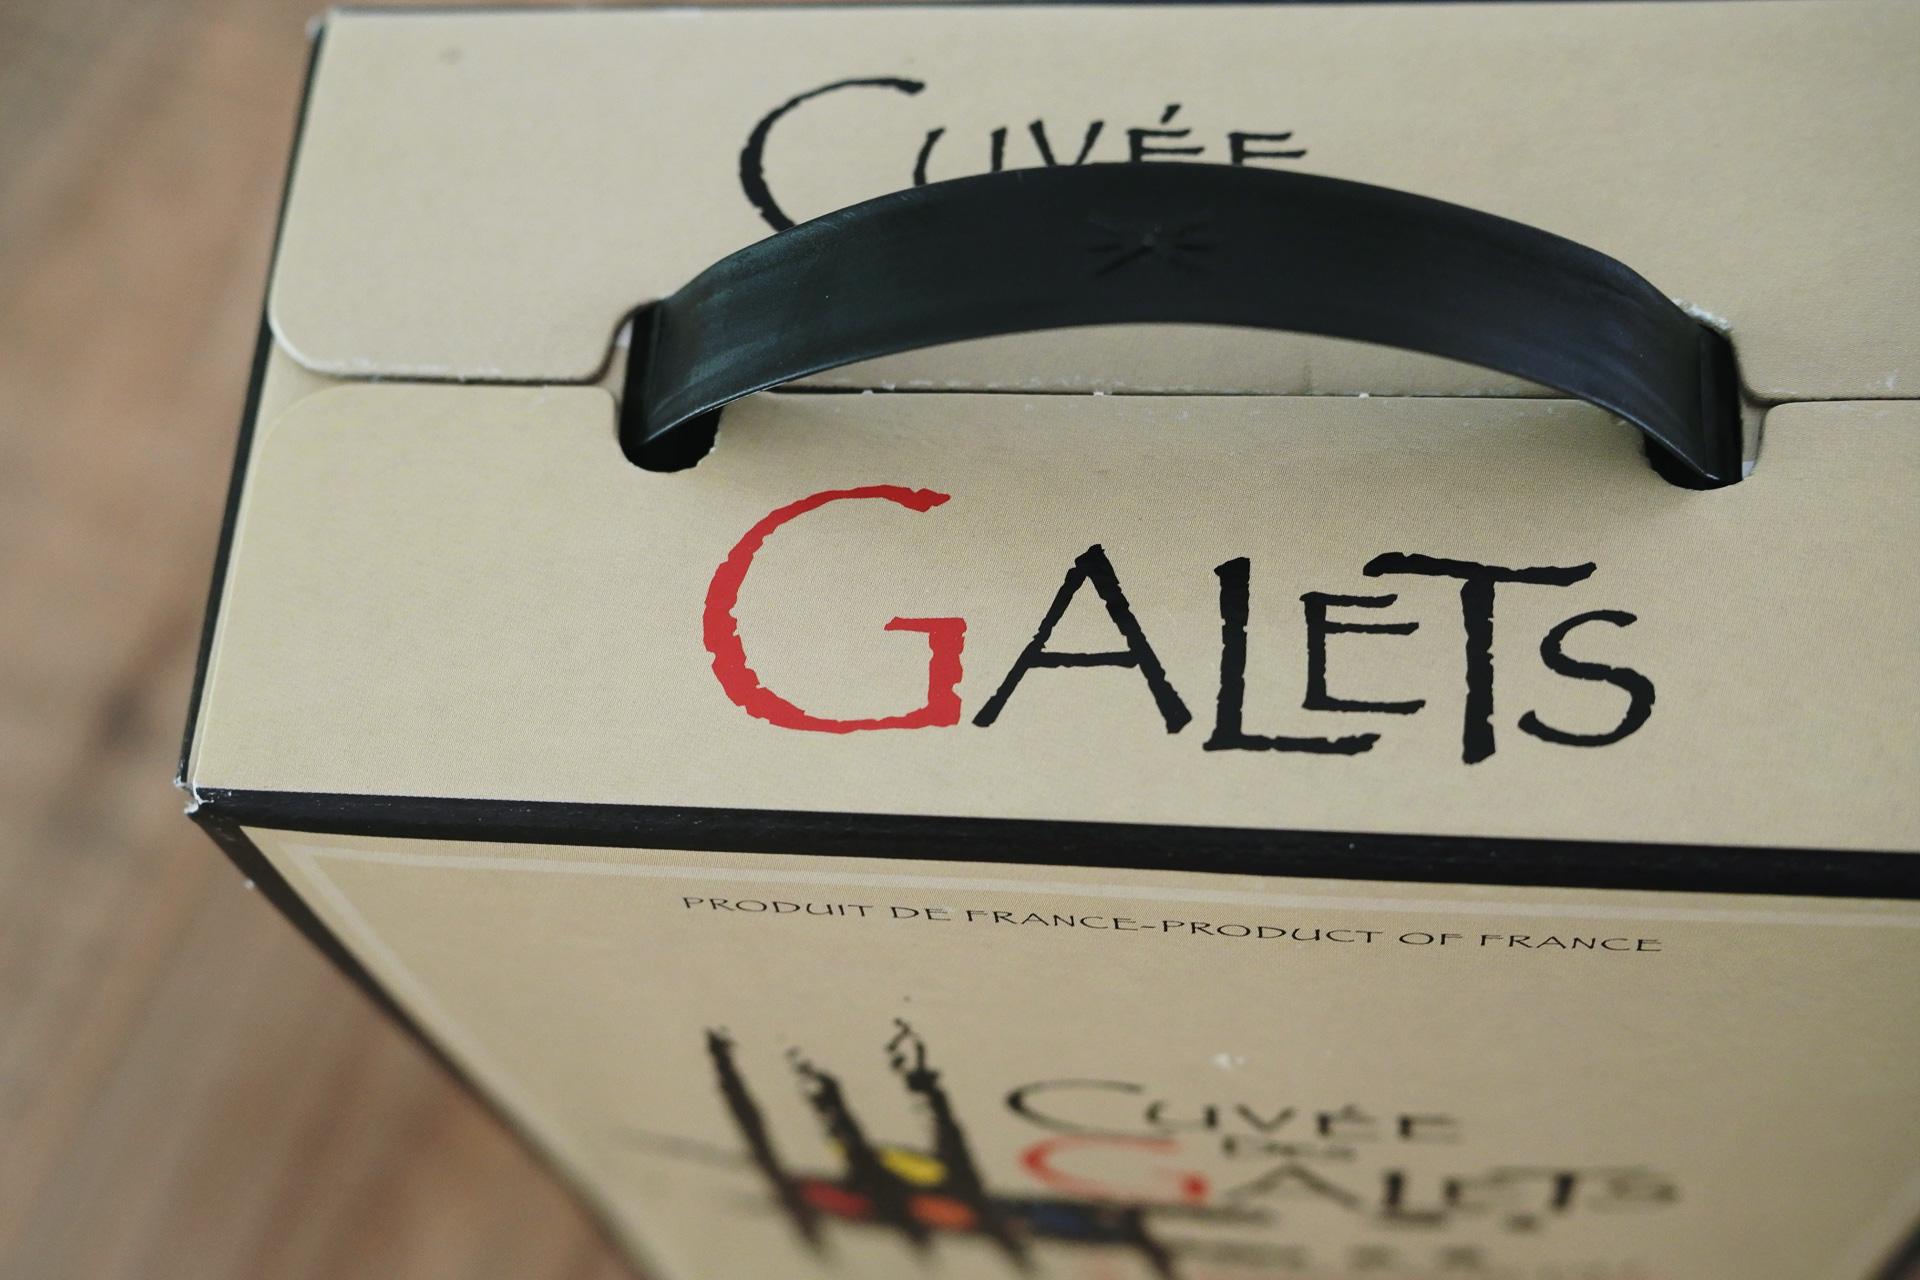 自然派ワイン・ビオワイン キュヴェ デ ガレ エステザルグ du Gard - Cuvée des Galets d'Estezargues 持ち運び安いボックスワイン